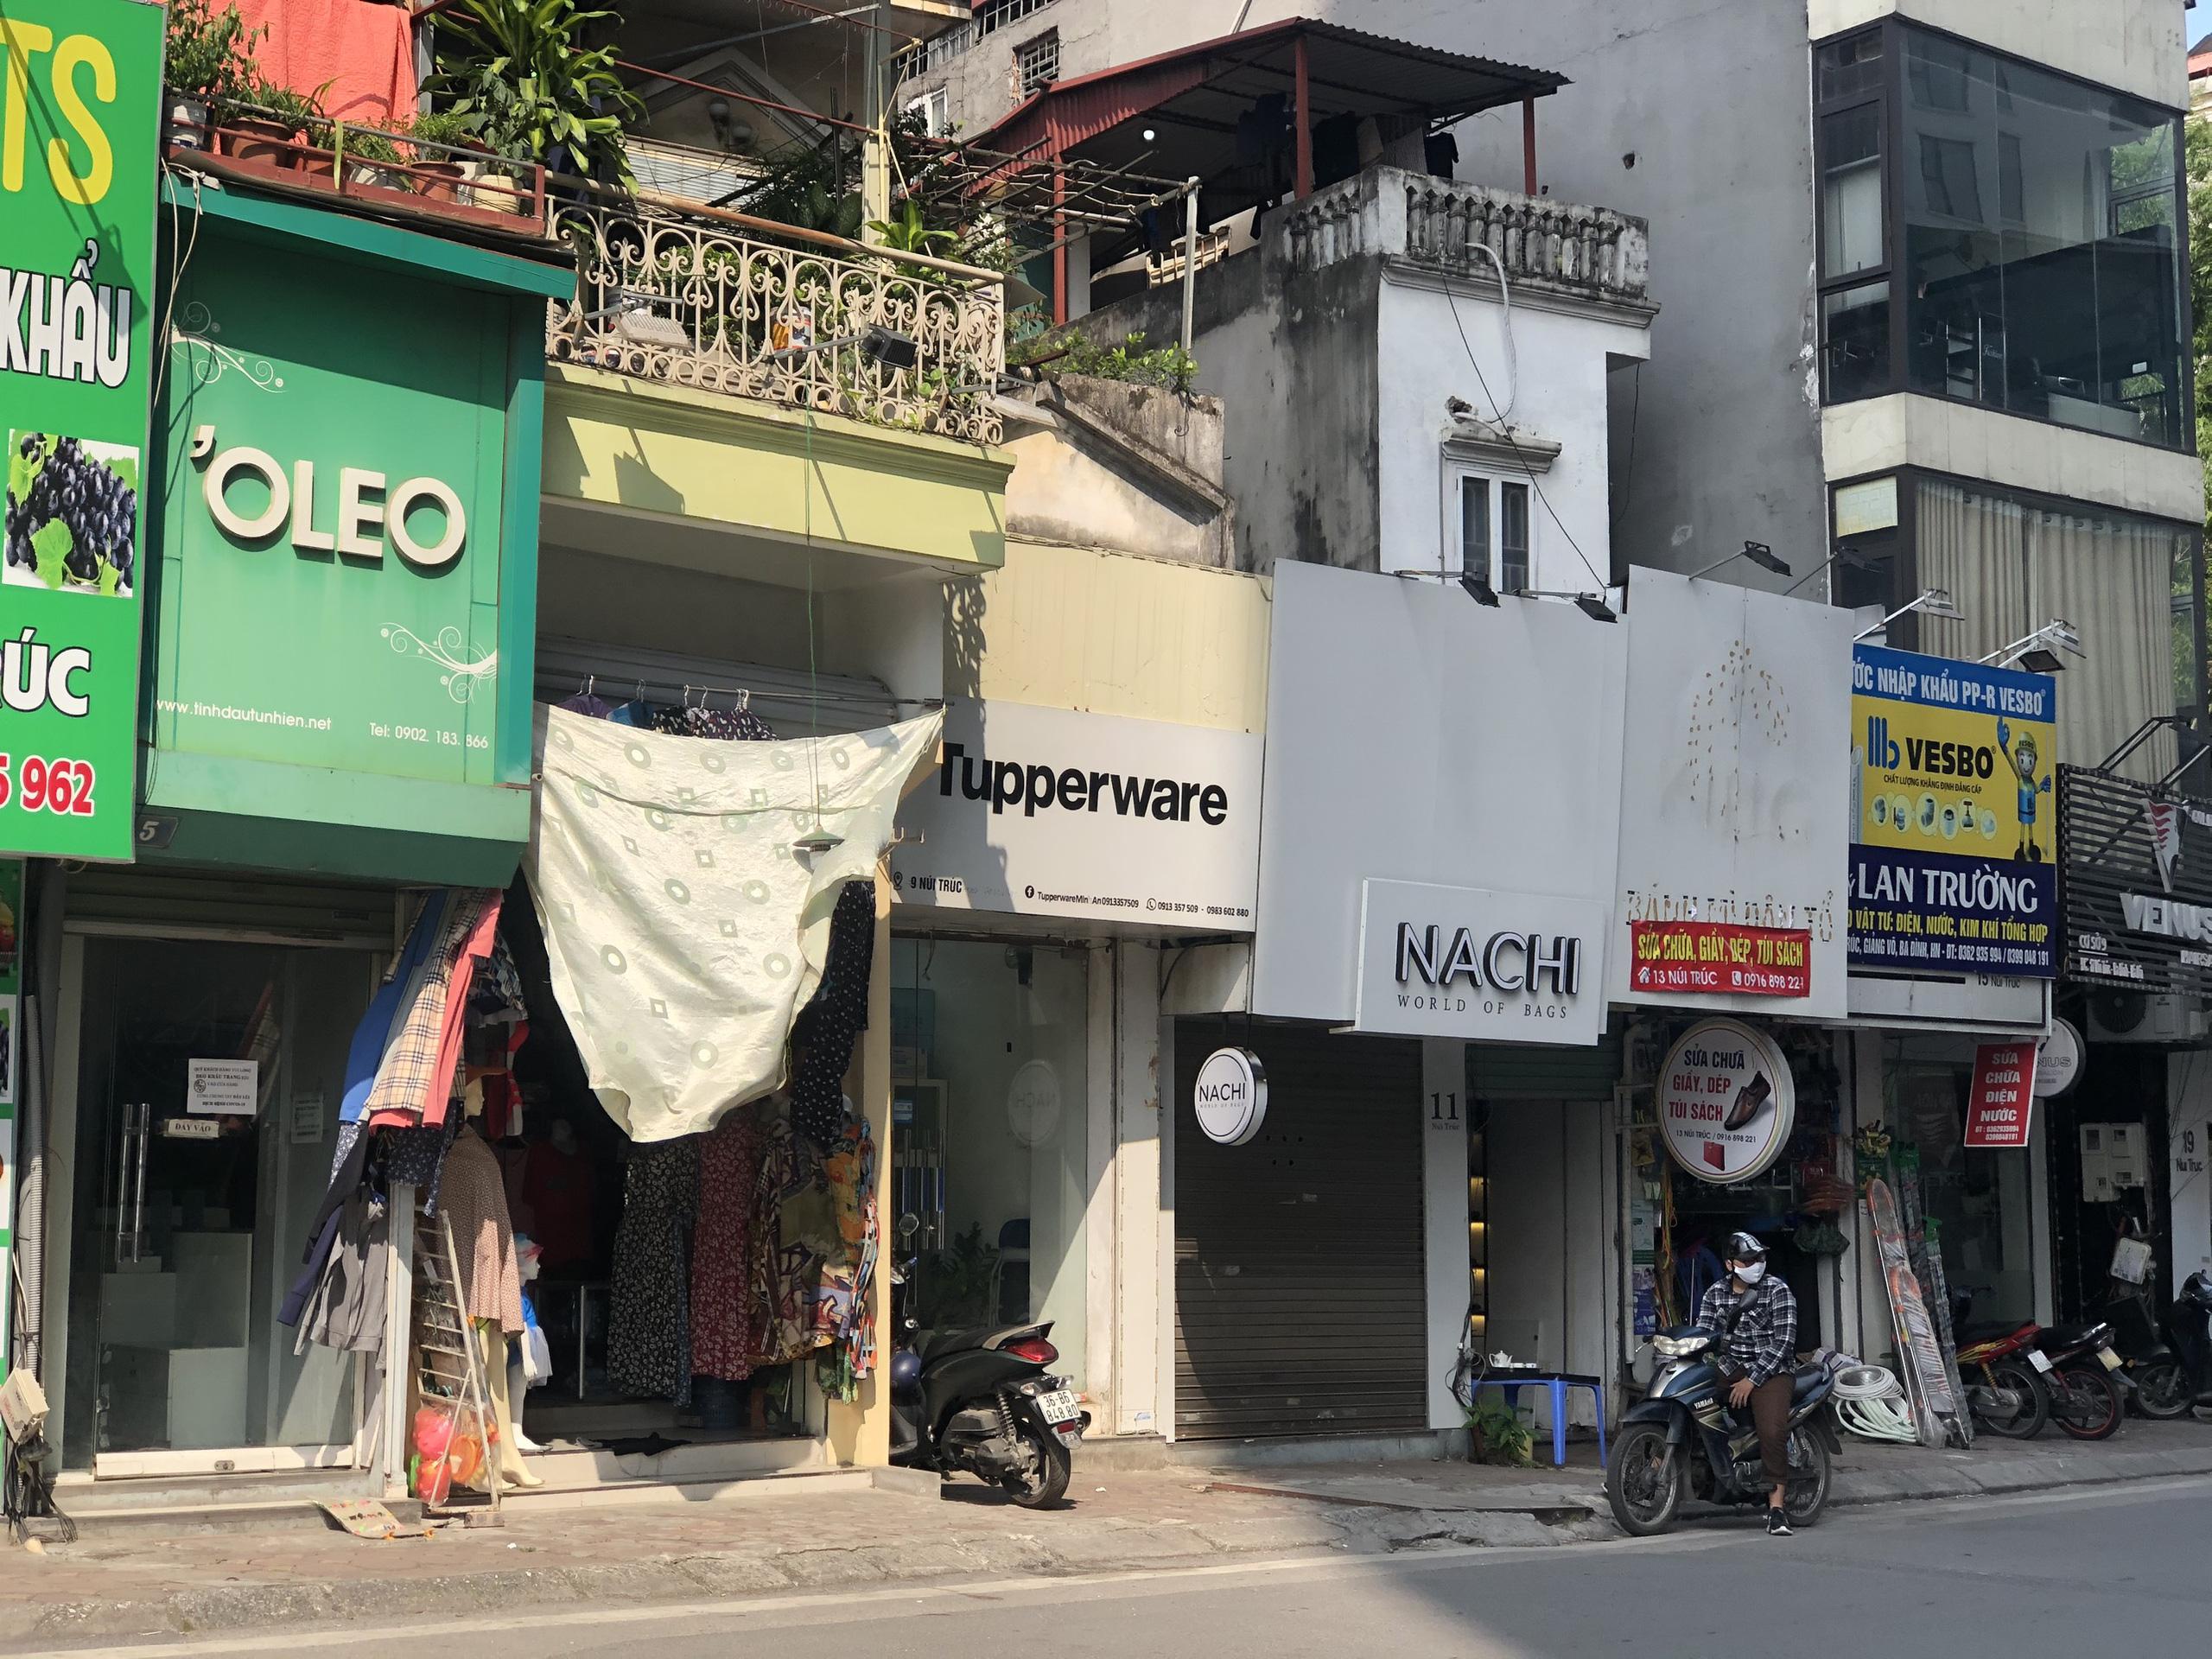 Đường sắp mở theo quy hoạch ở phường Kim Mã, Ba Đình, Hà Nội (phần 2): Mở rộng phố Núi Trúc  - Ảnh 4.